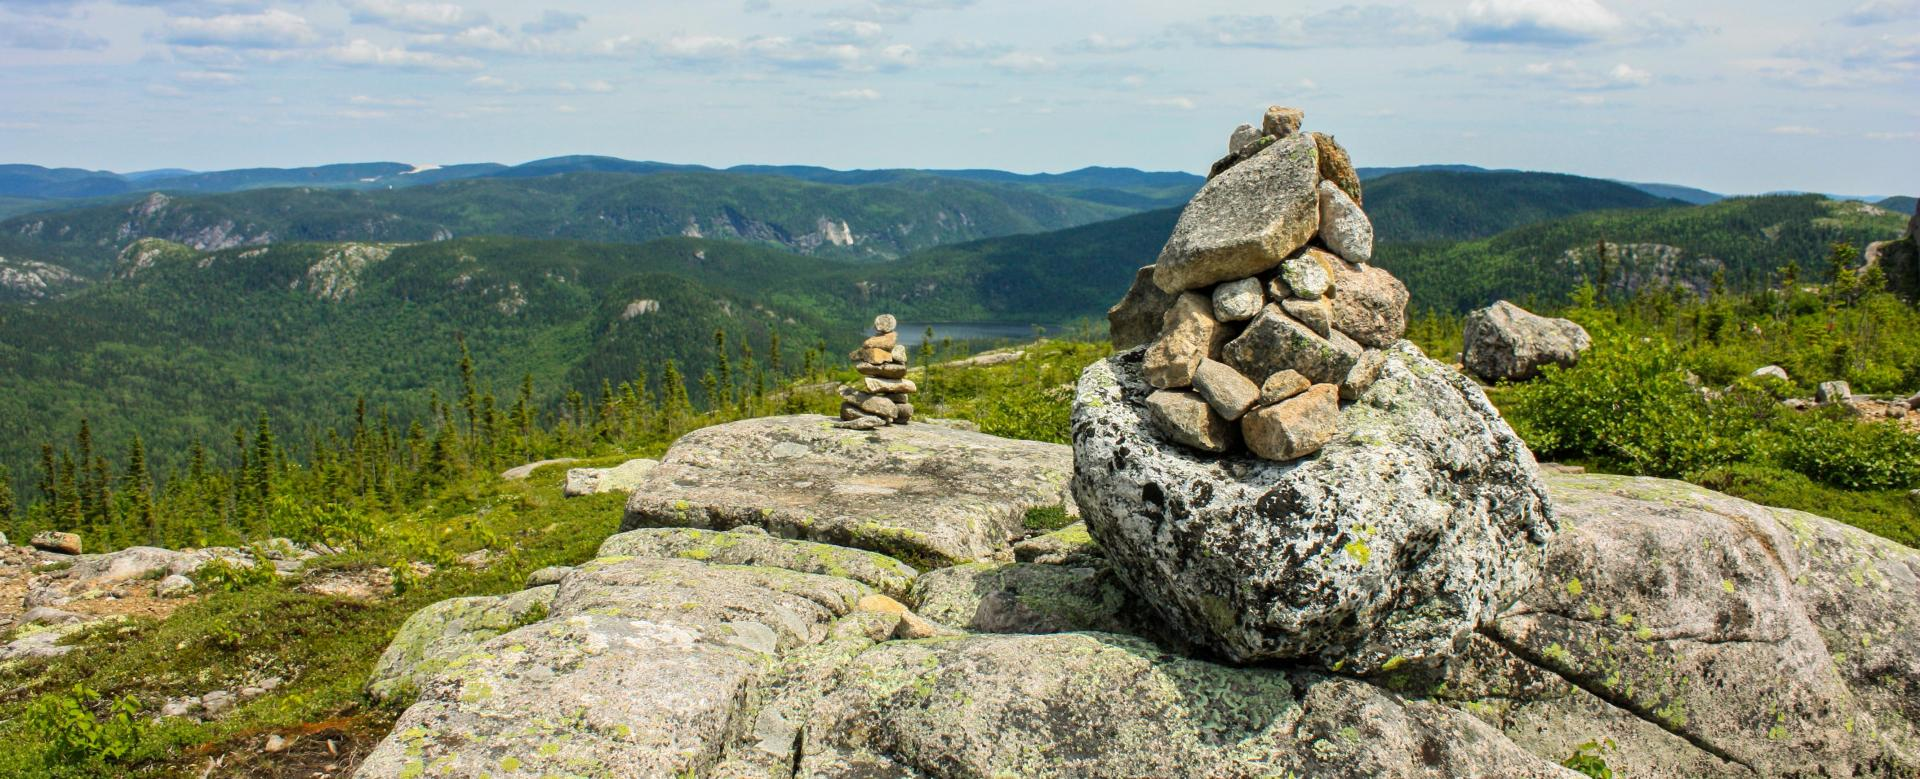 Voyage sur l'eau : Québec, la belle province